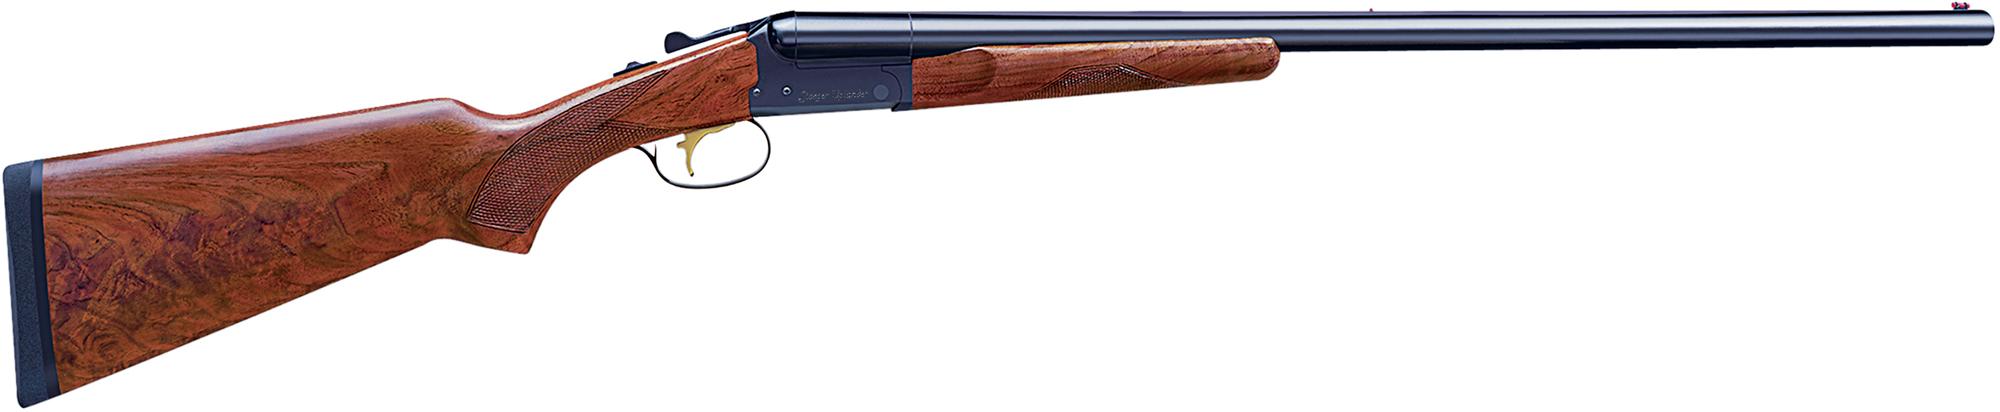 Manufacturer Coupons Mail >> Stoeger Uplander Supreme Side x Side Shotgun ST31120, 20 ...